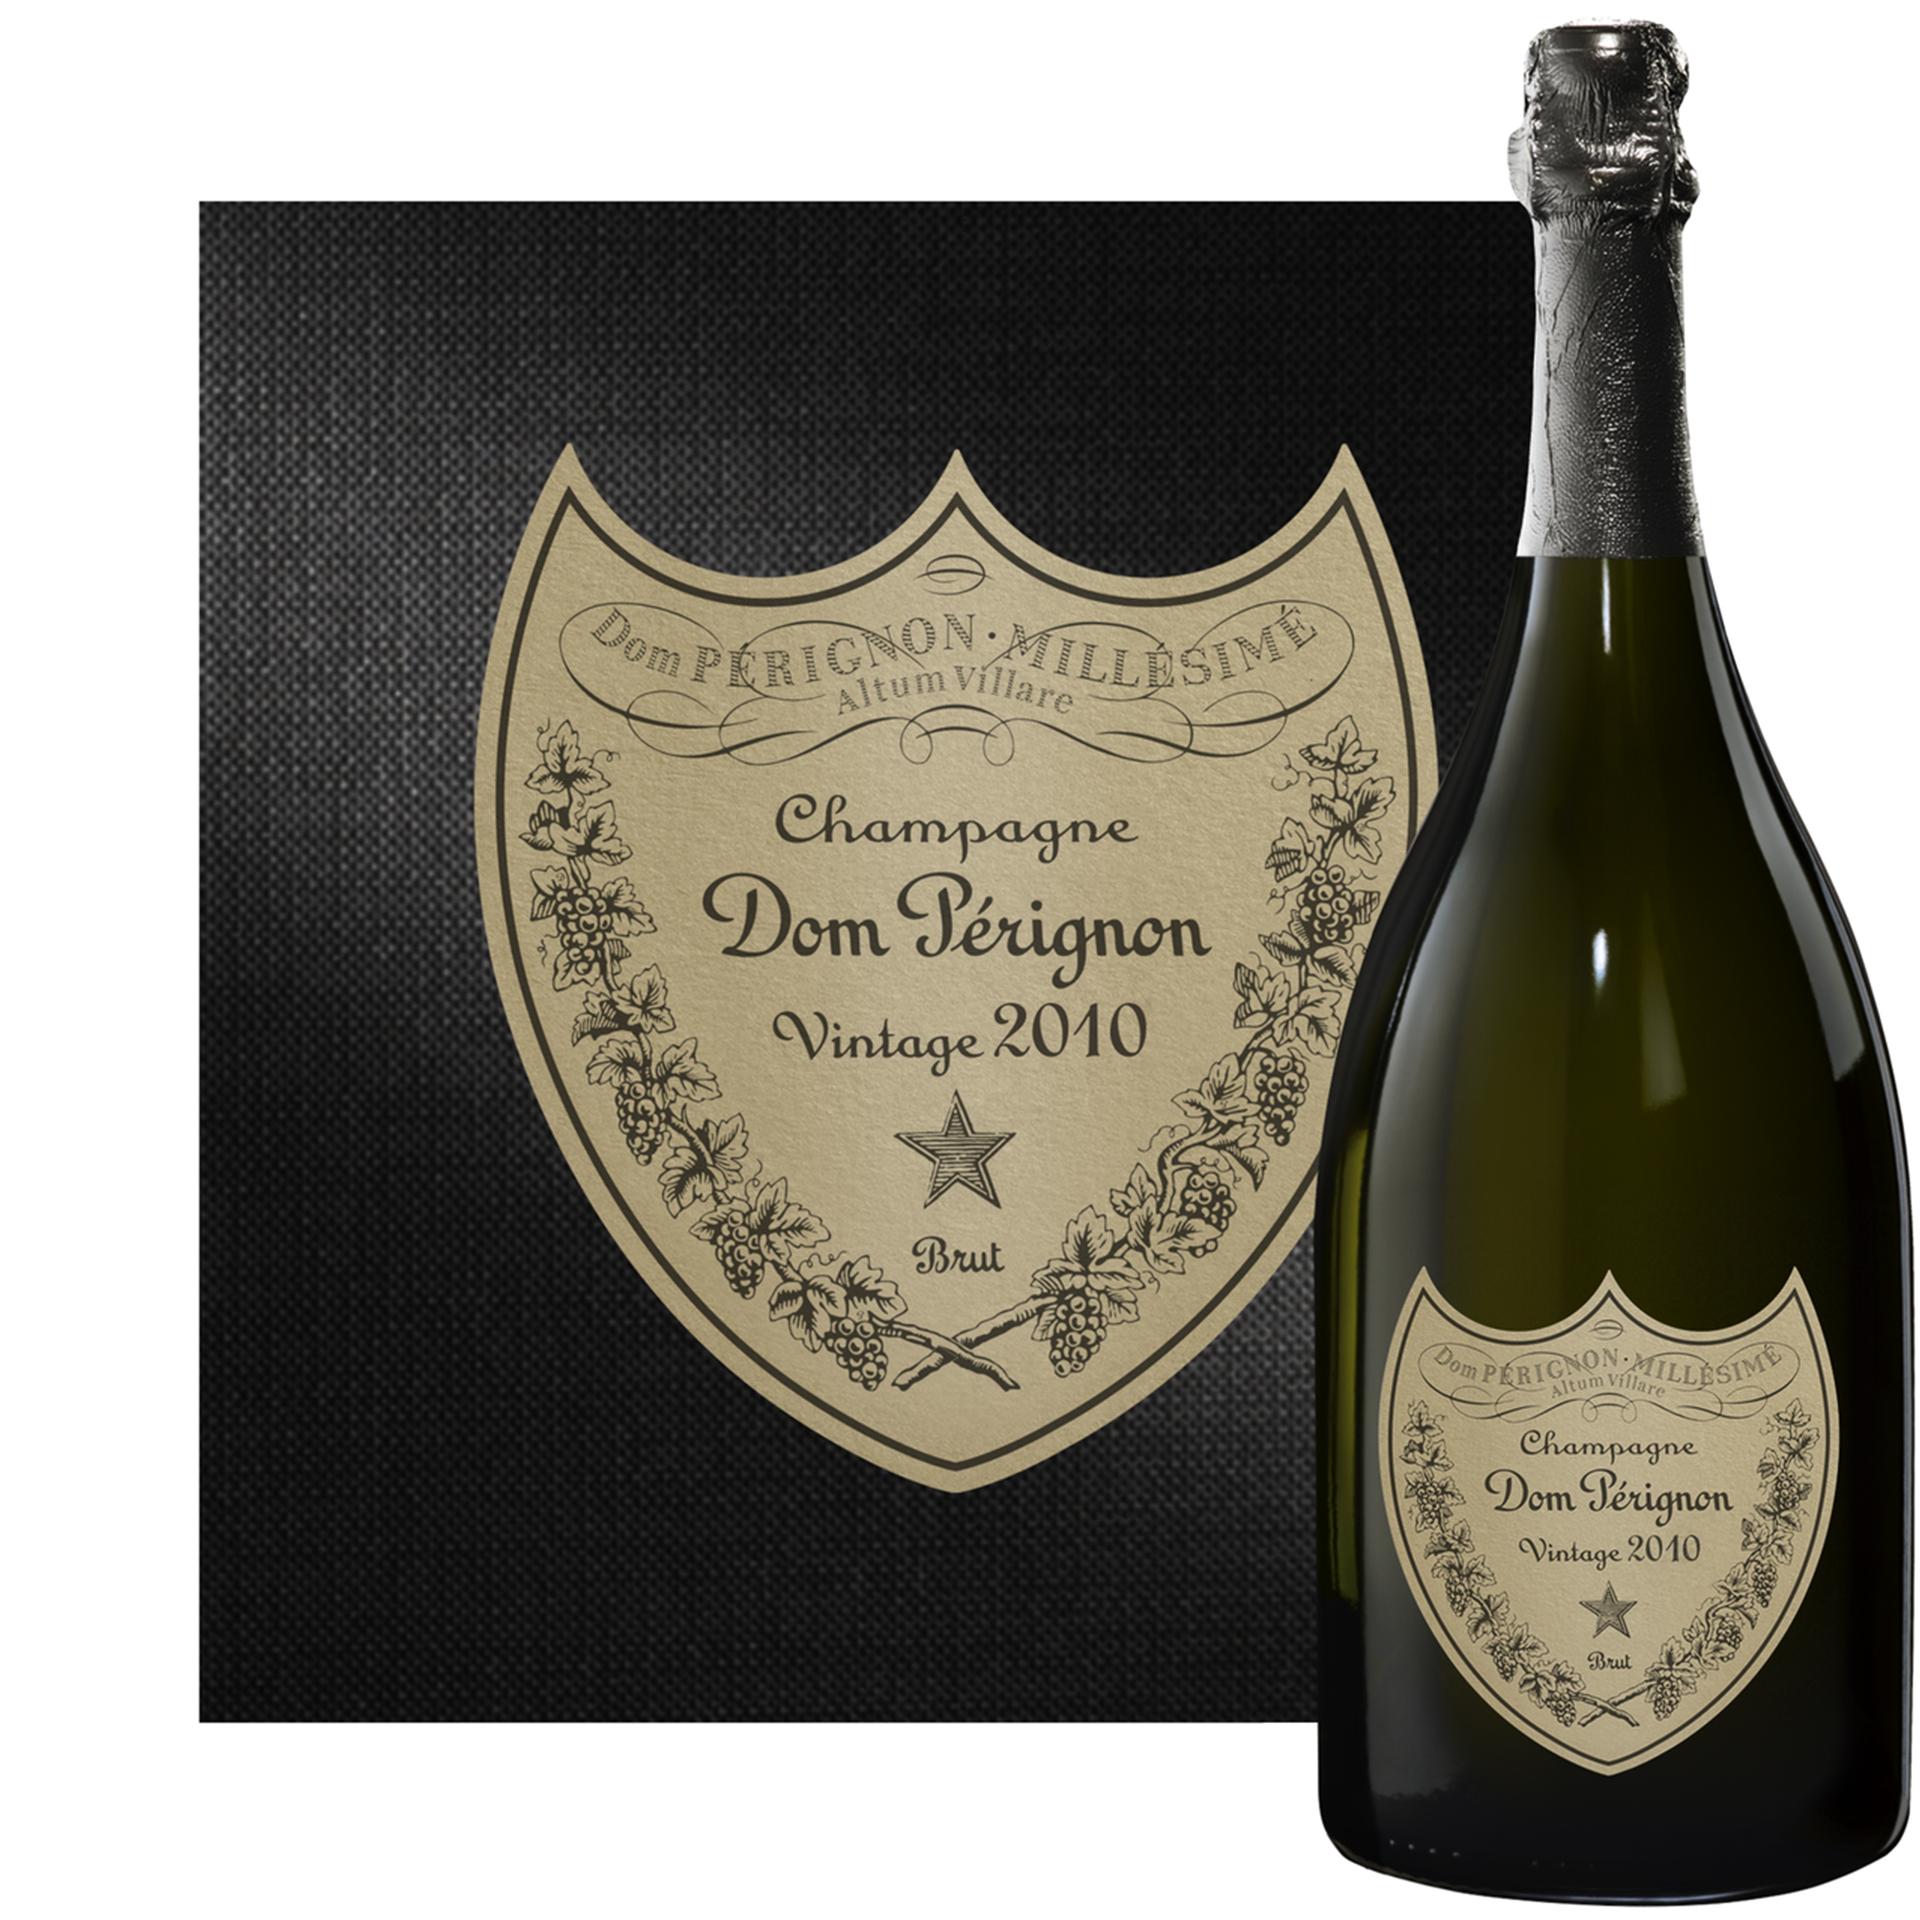 Bouteille Dom Pérignon Vintage 2010